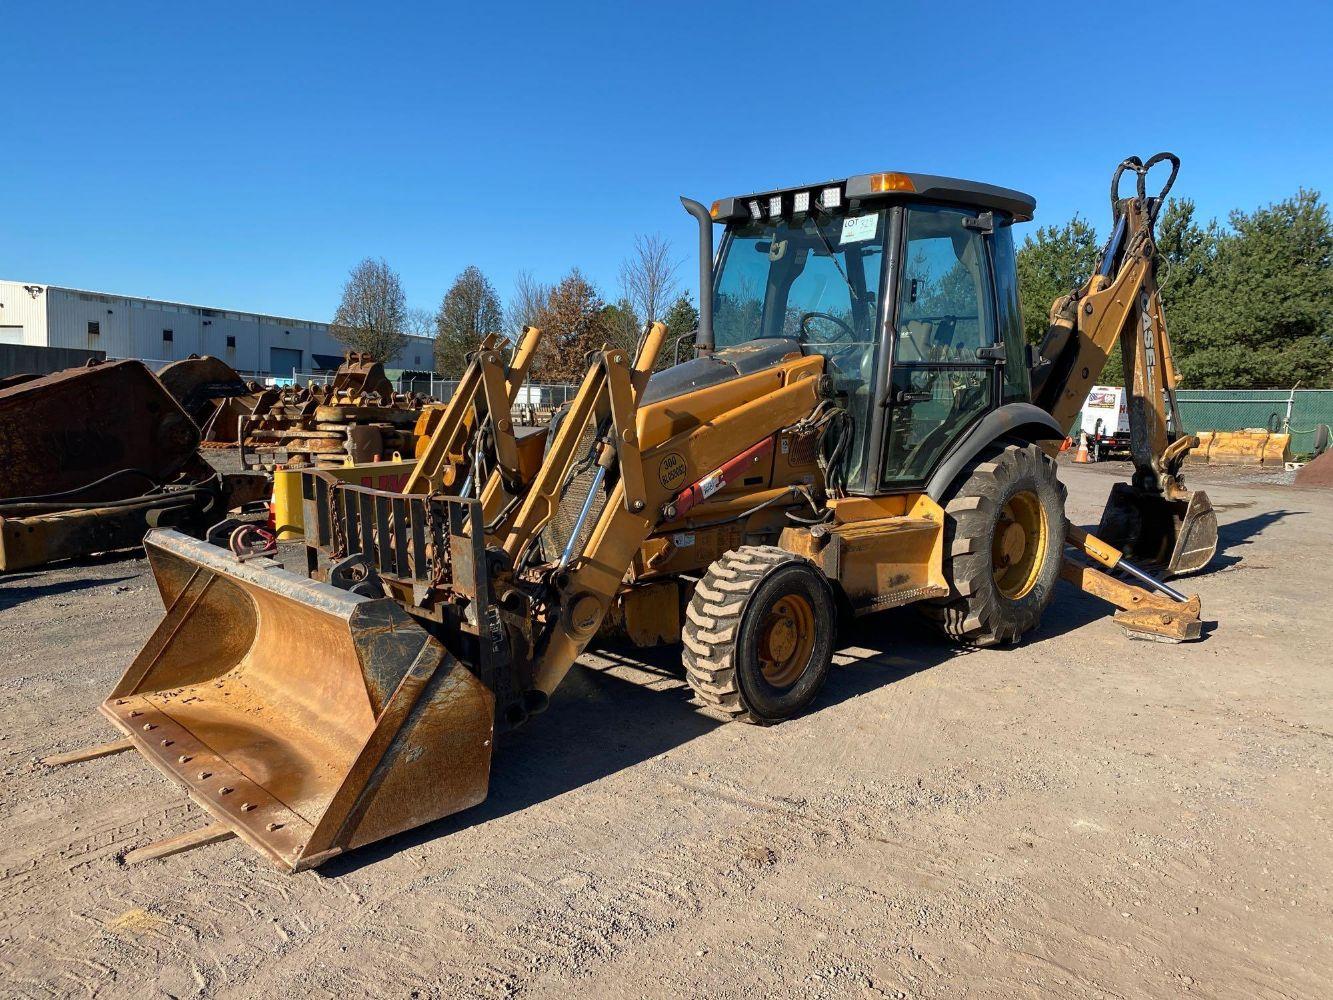 H & K Construction - Major Construction Equipment Auction